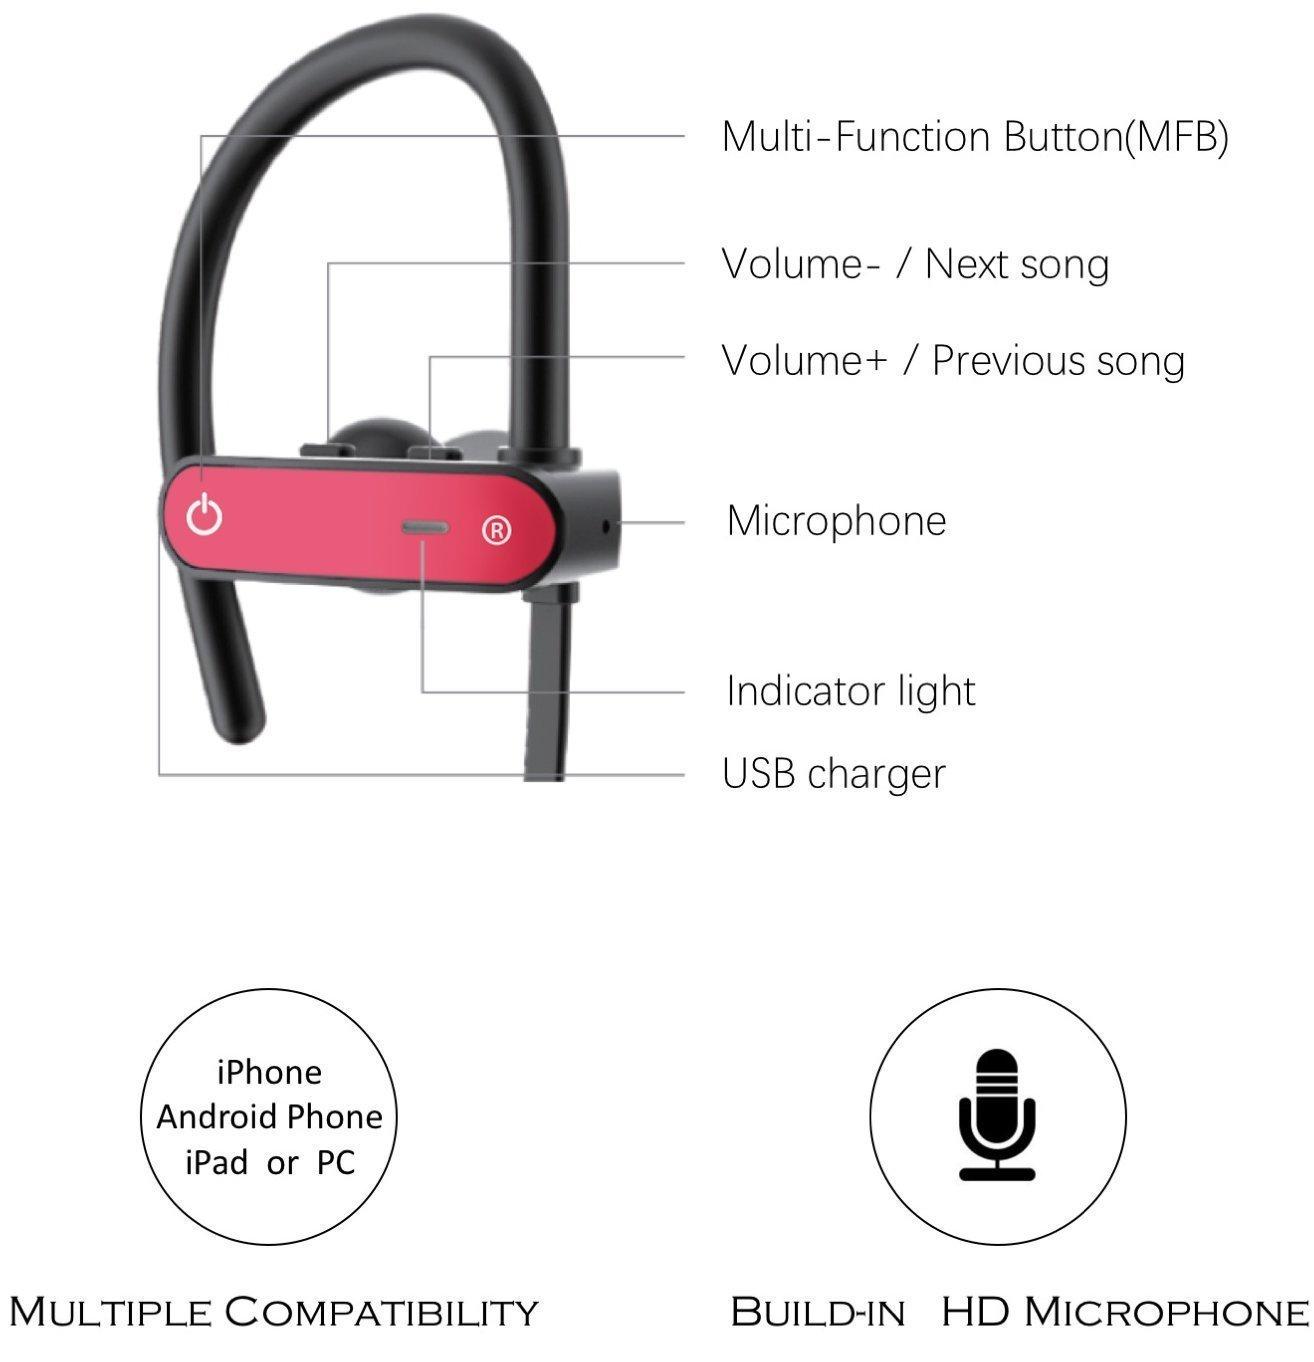 Bluetooth Headphones Wireless Earbuds with Mic 8 Hr Battery 2018 New Model, Black Noise Cancelling Joyful Heart JH900 Waterproof Sport Headset Slim Light Earphone for Workout